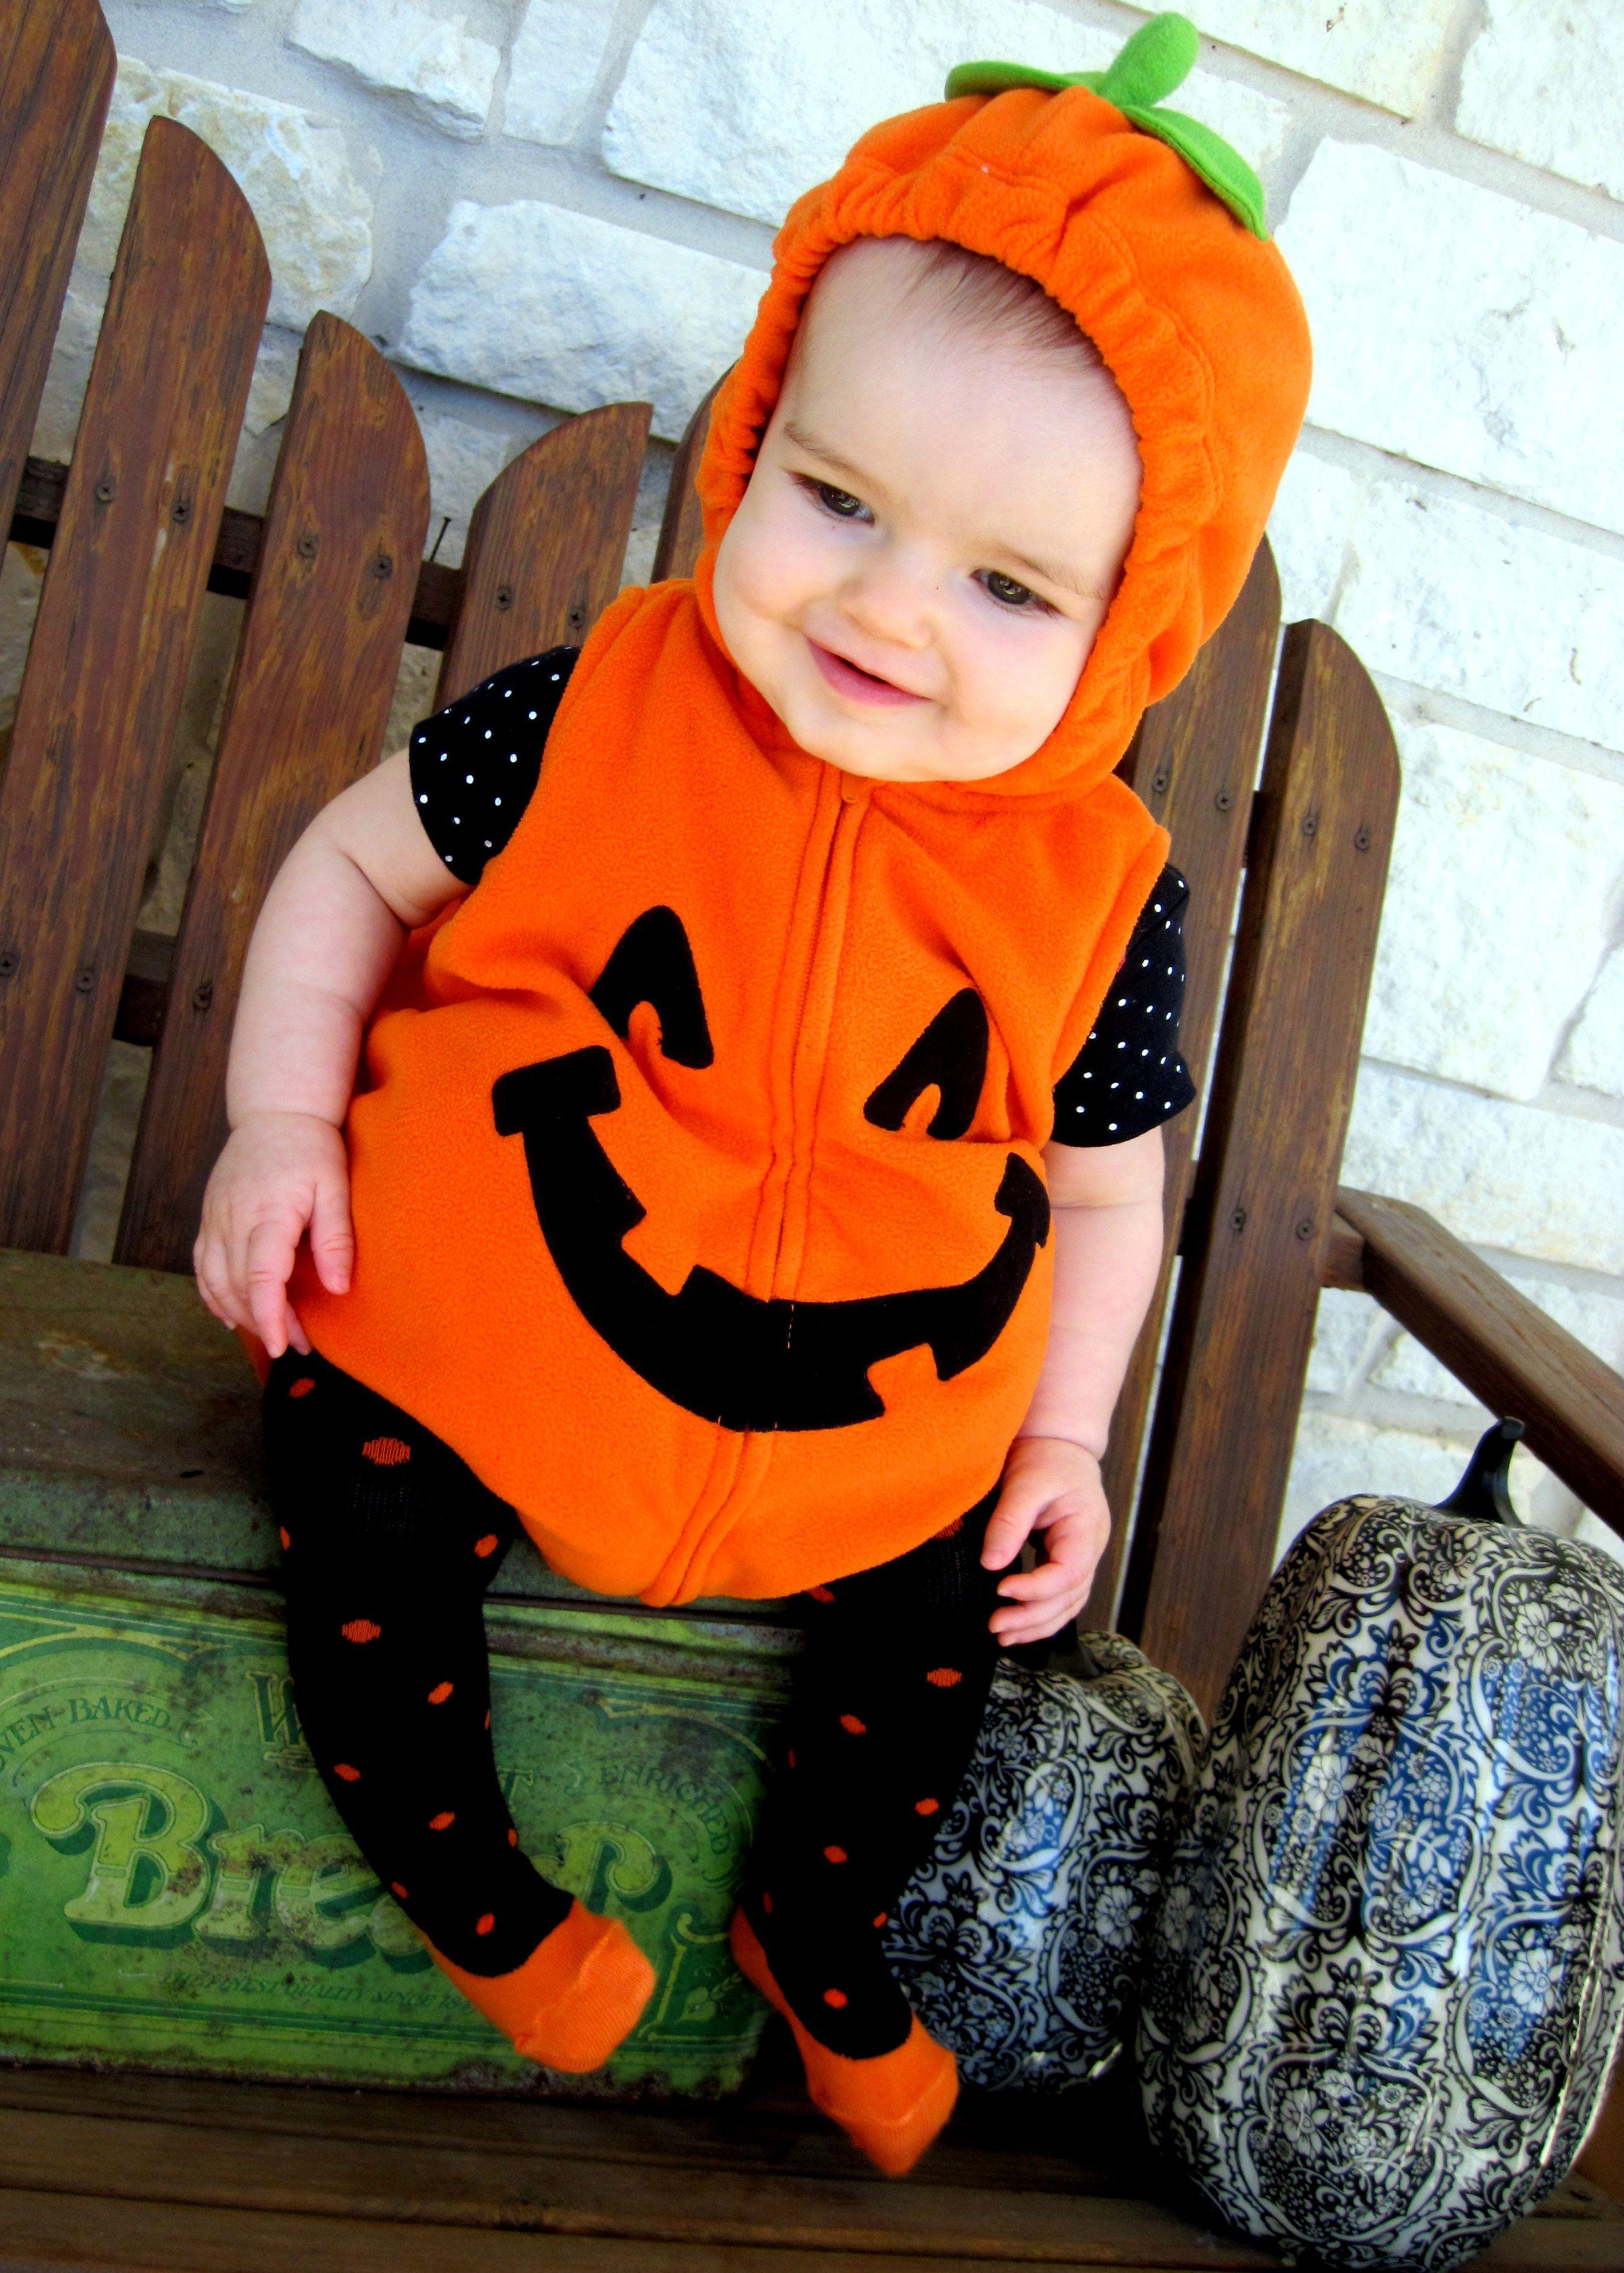 98b55a2a0 Halloween PUMPKIN costume BABY girl 6 month photo pumpkin patch ...